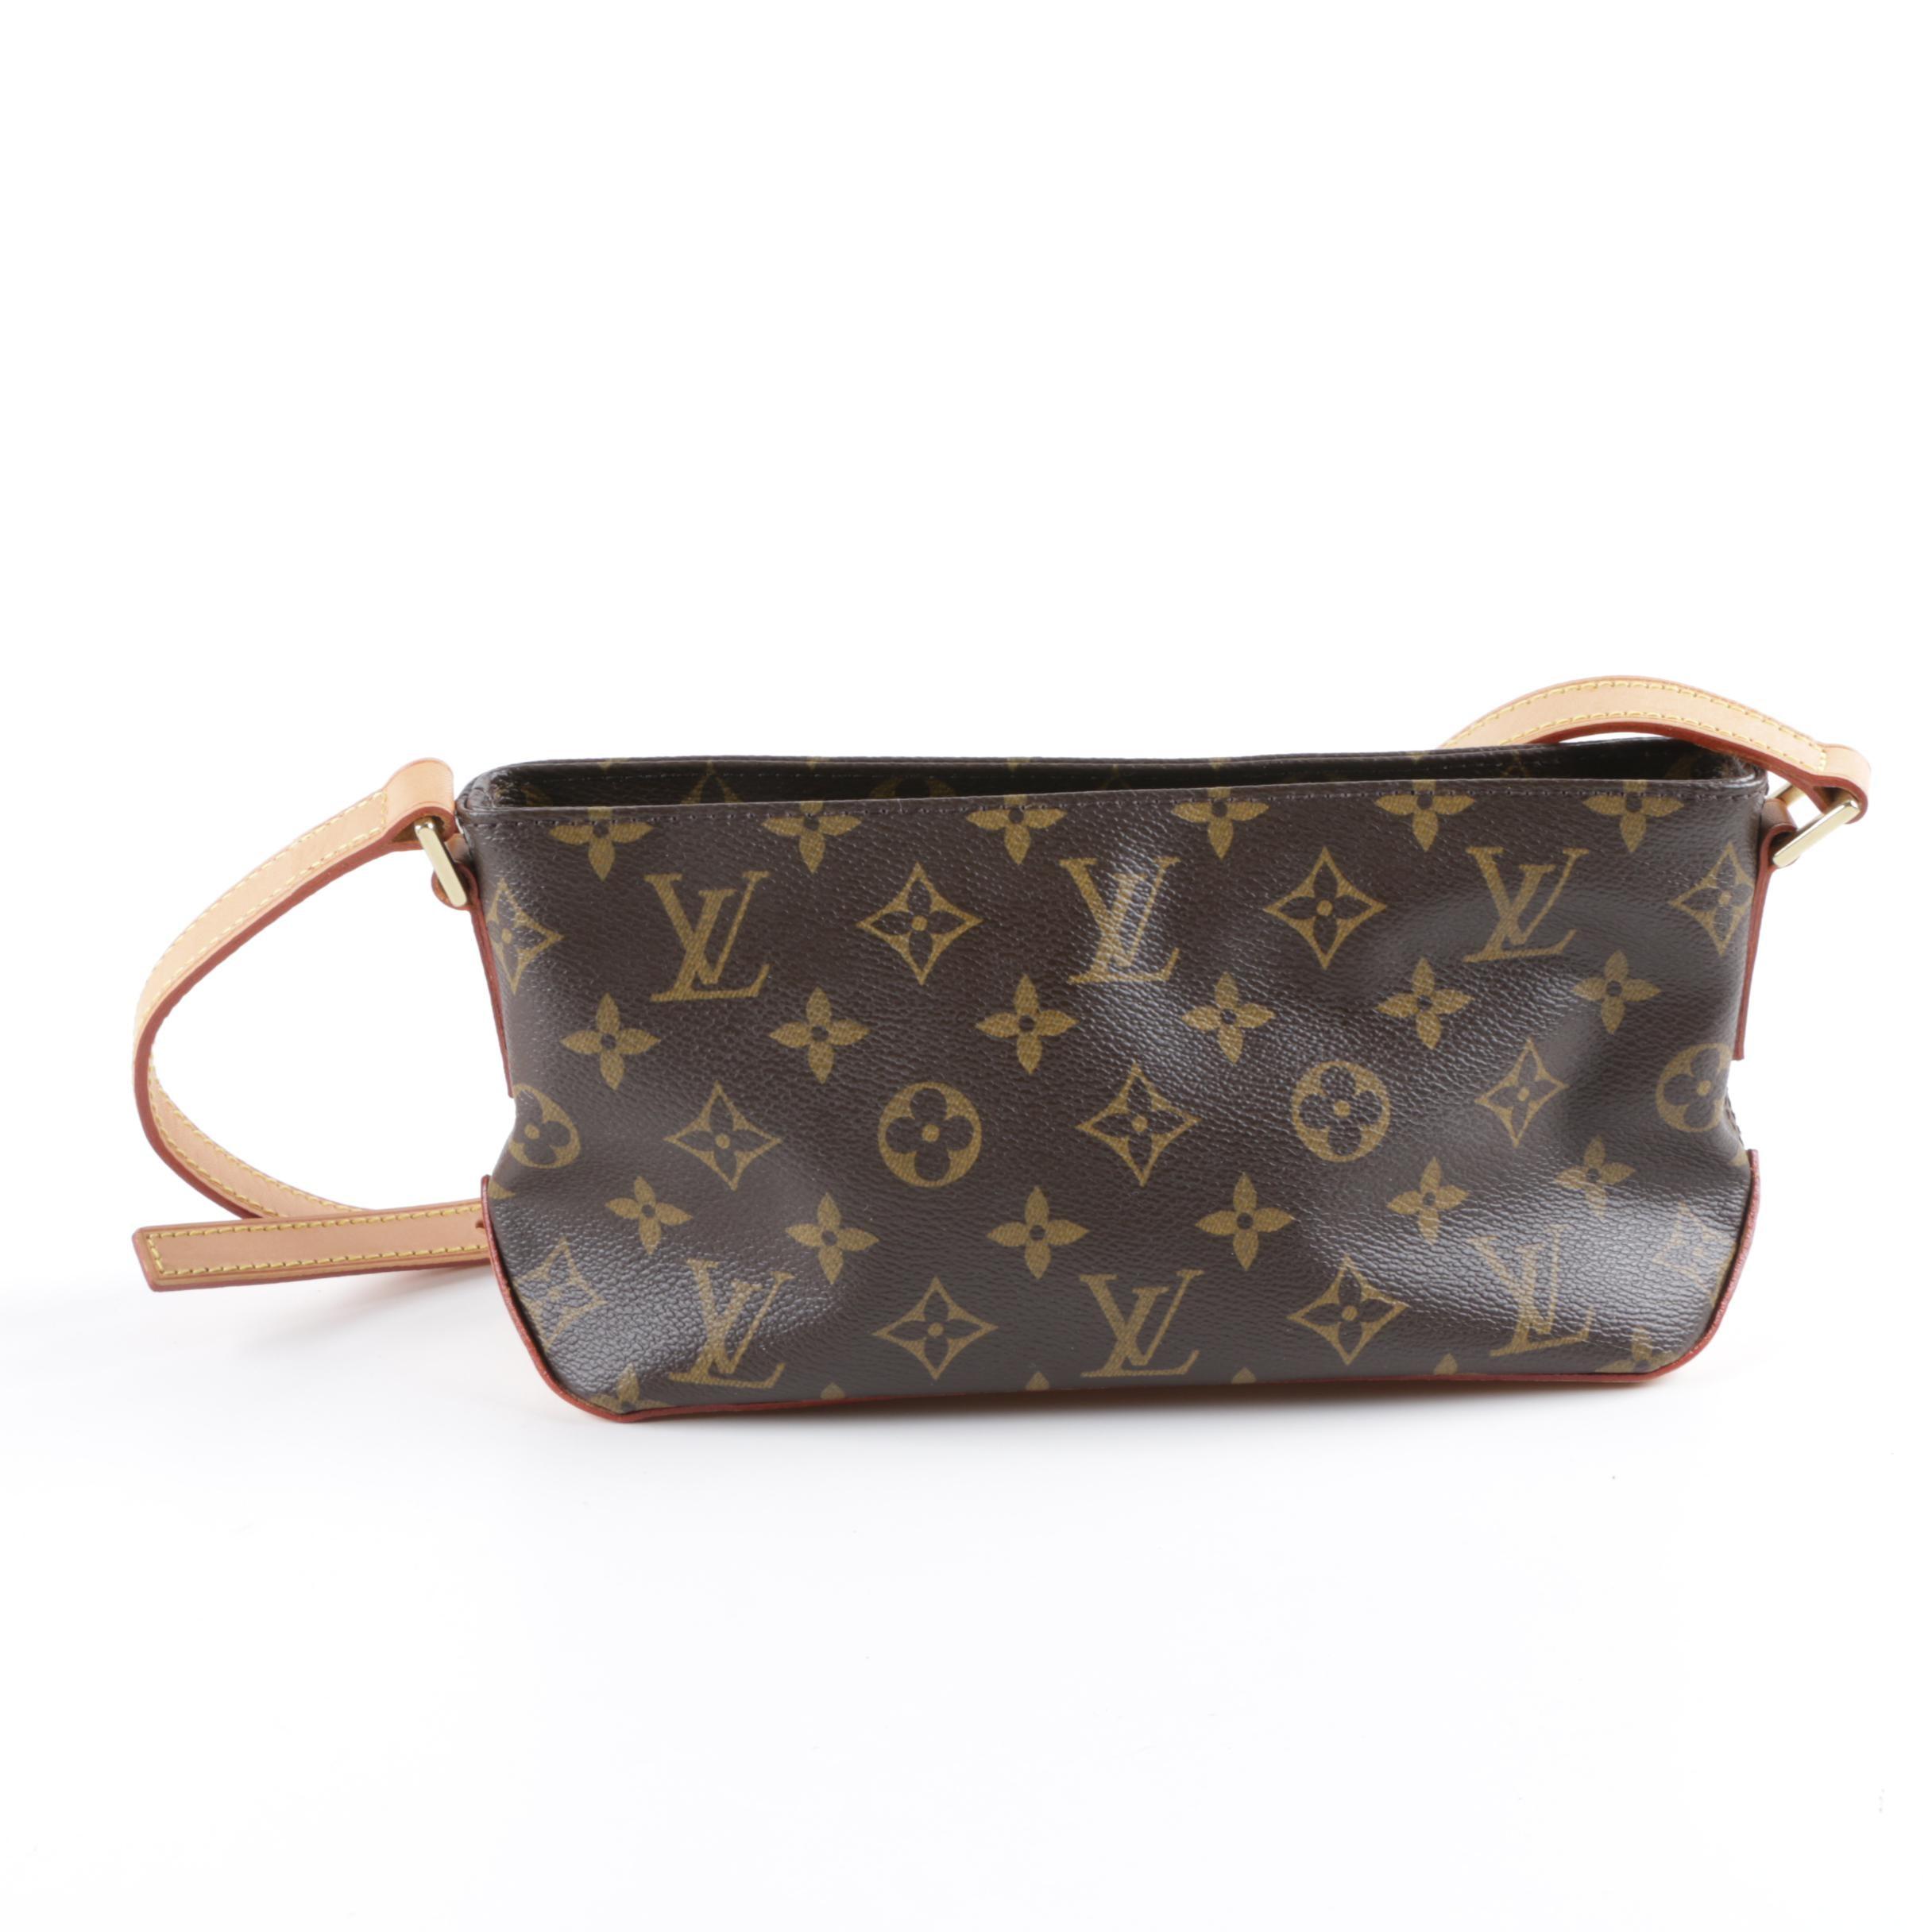 Louis Vuitton of Paris Monogram Trotteur Crossbody Bag